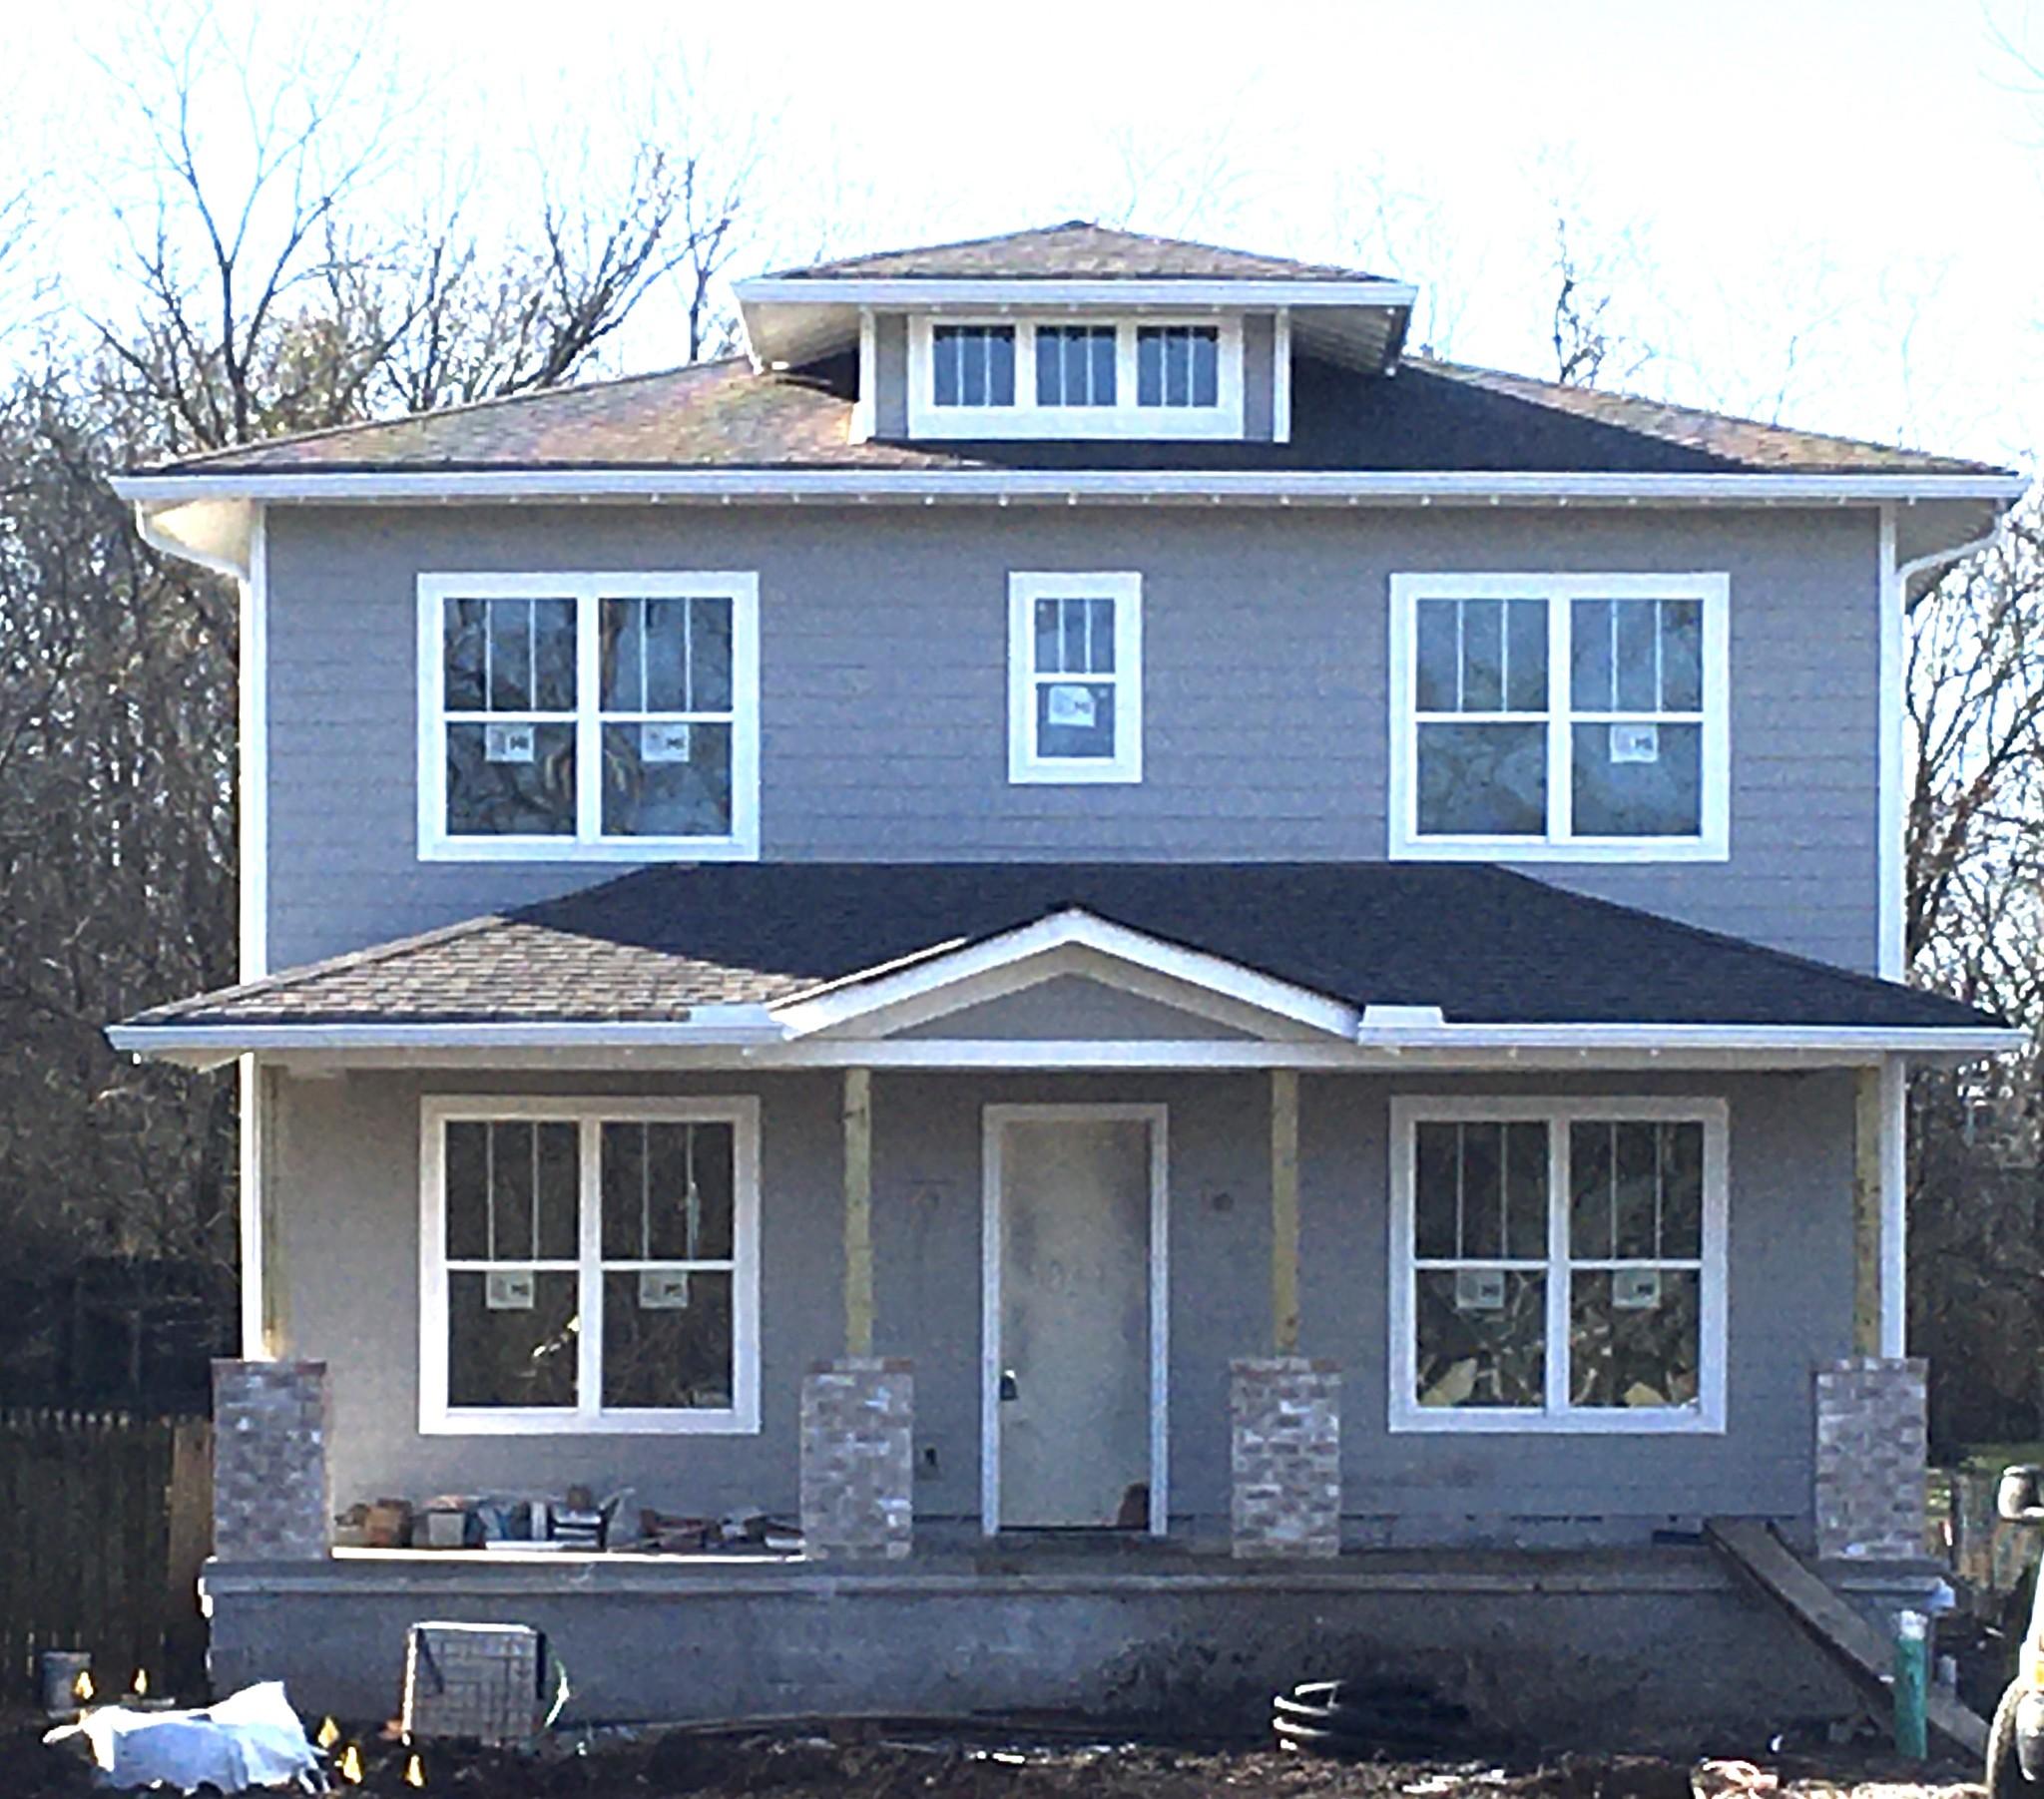 4037 Westlawn Dr, Nashville, TN 37209 - Nashville, TN real estate listing